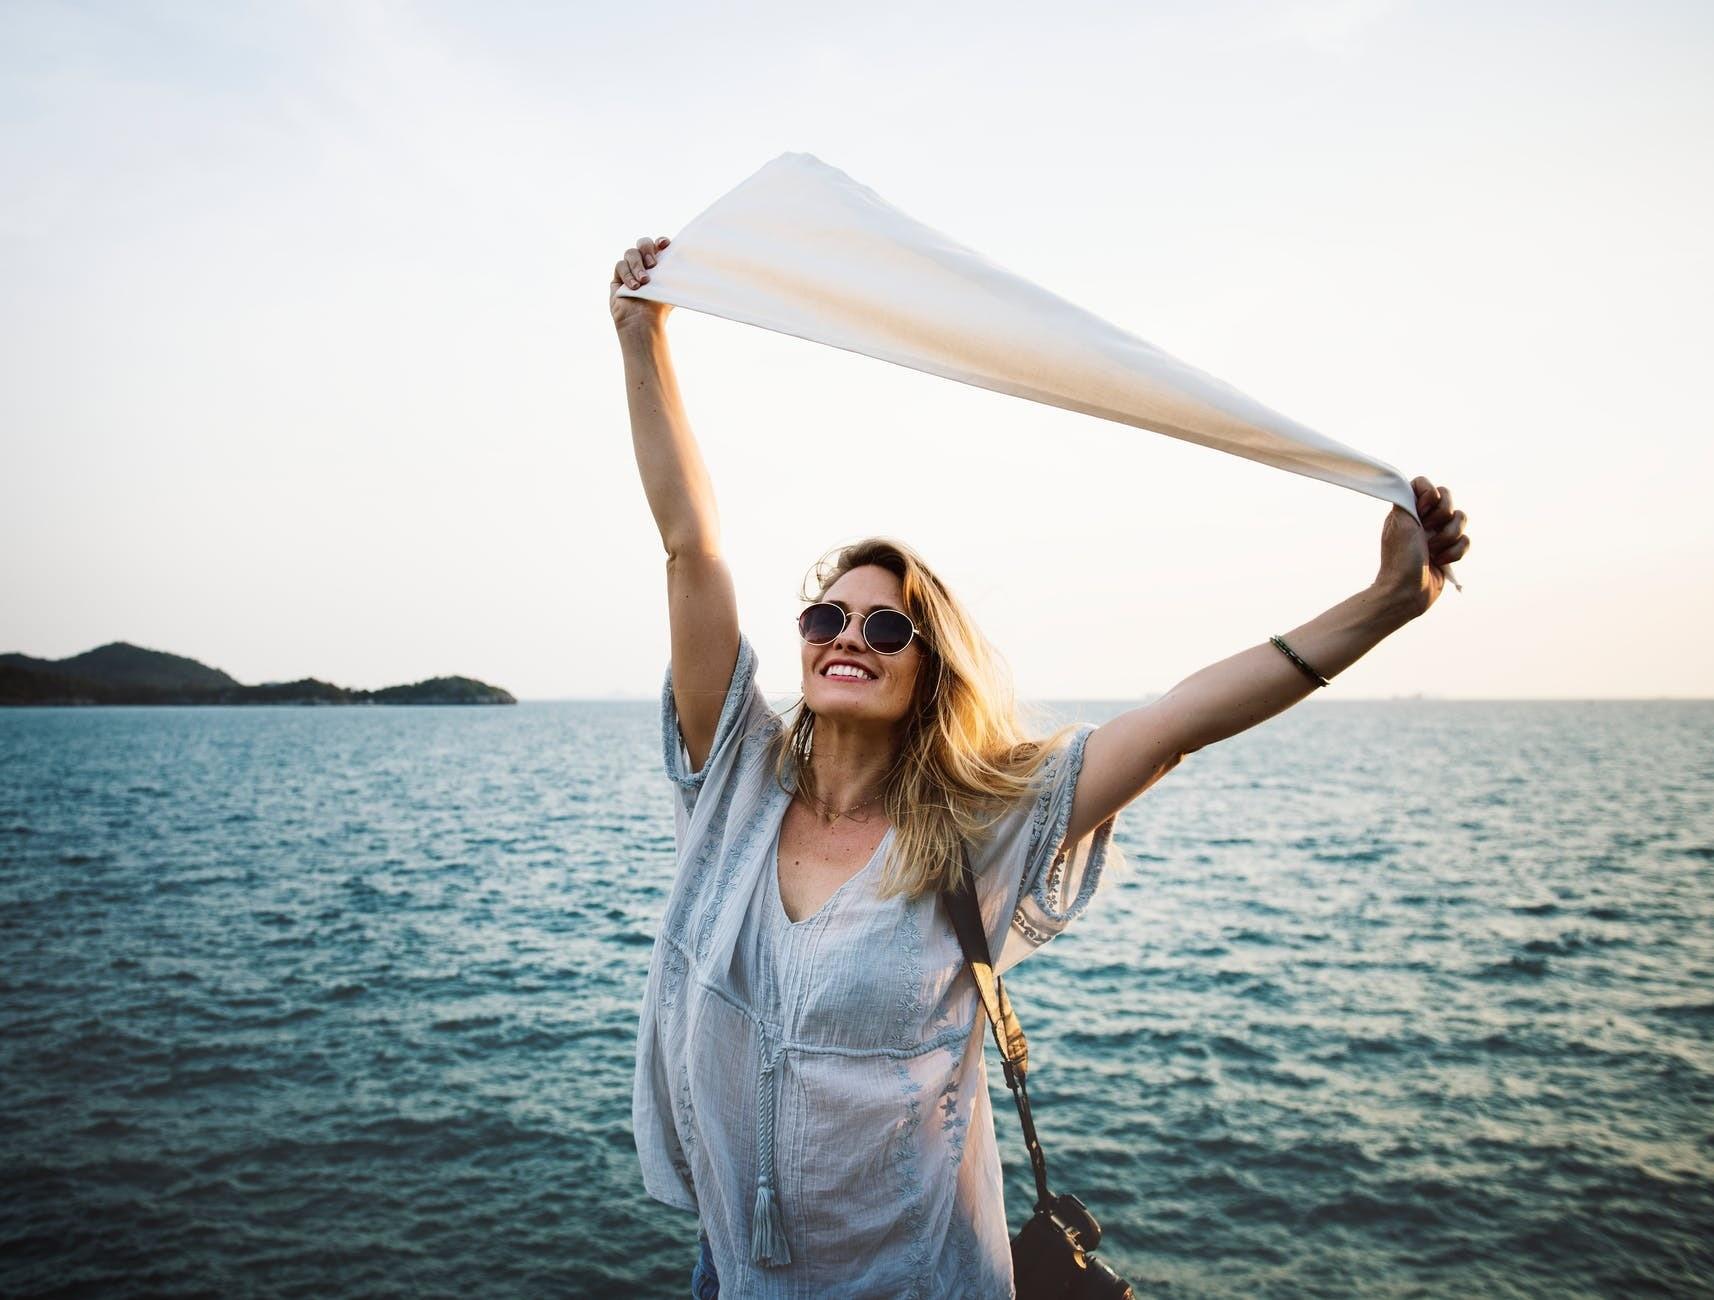 Как преодолеть чувство вины и избавиться от страданий: советует психолог